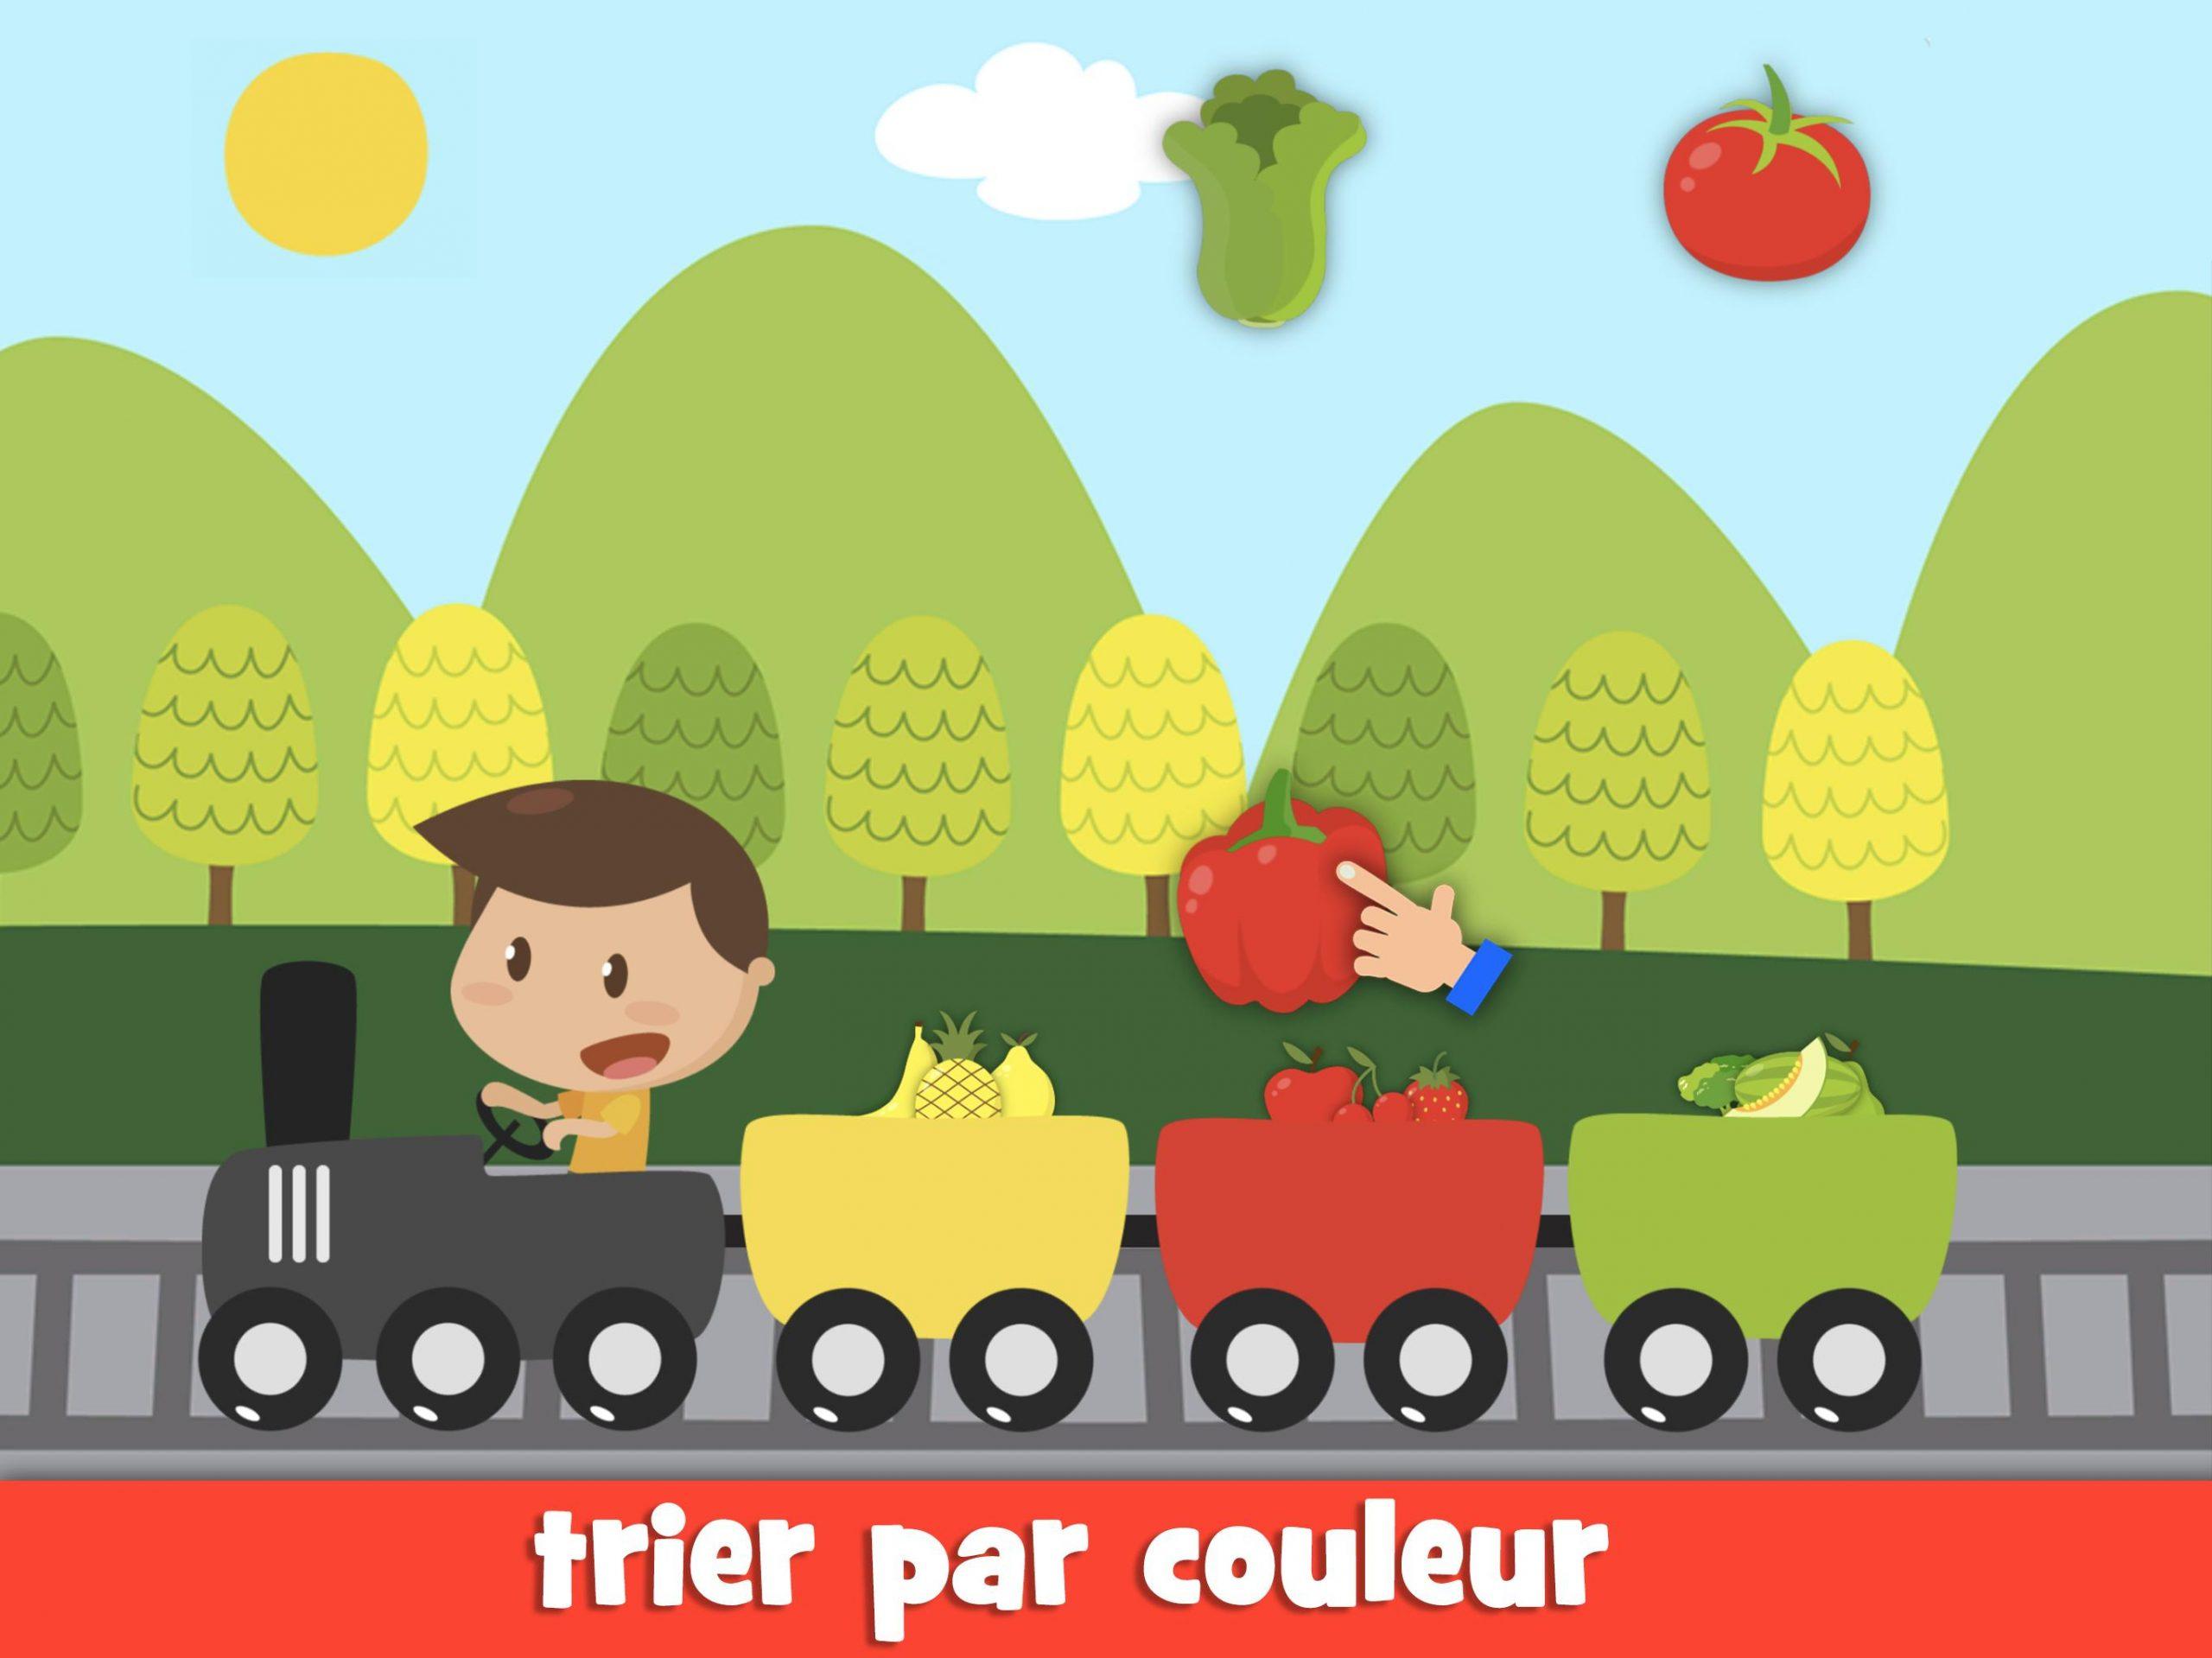 Apprendre Les Fruits Et Légumes Jeux Pour Enfants Pour tout Jeux Pour Apprendre Les Couleurs